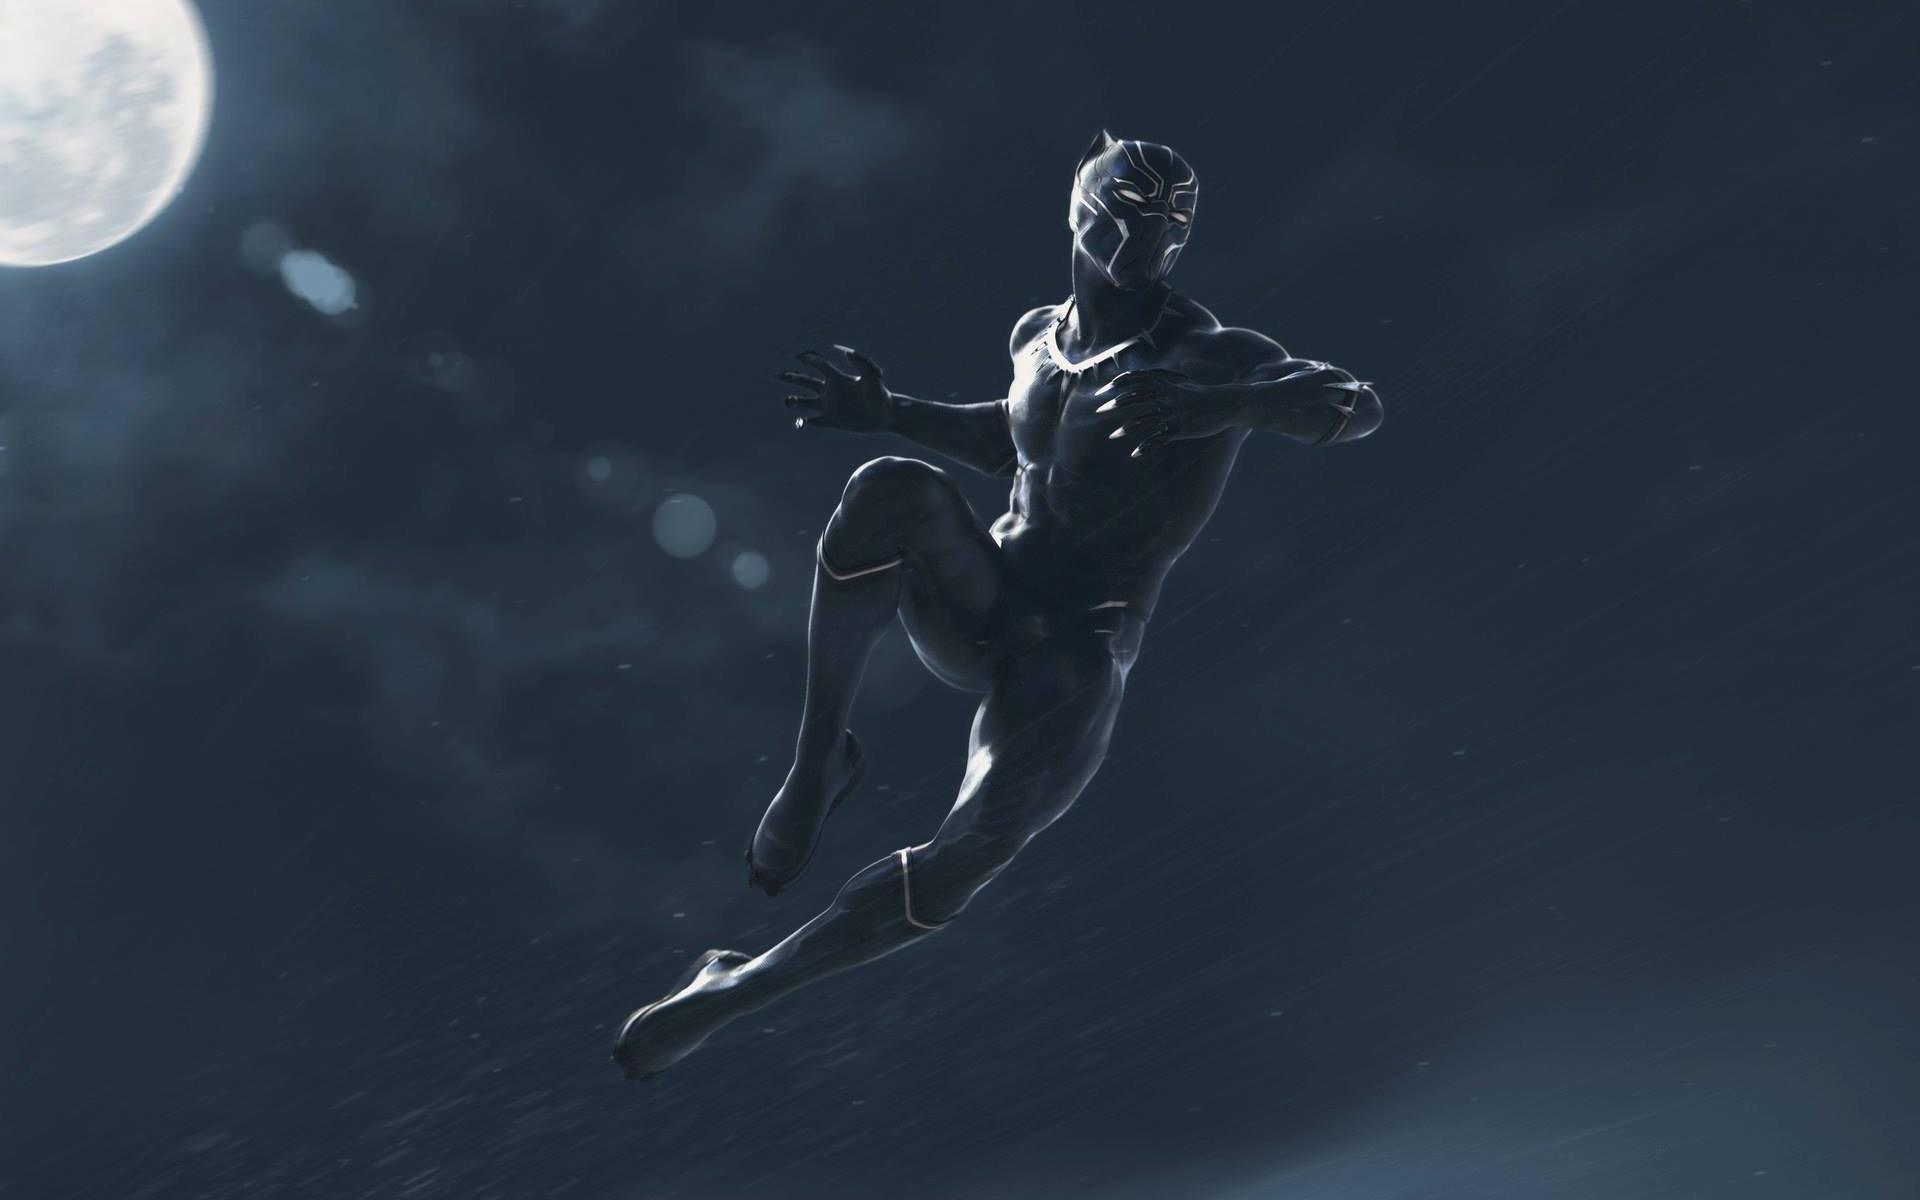 壁紙 ブラックパンサー ジャンプ 雨 アート写真 1920x1200 Hd 無料